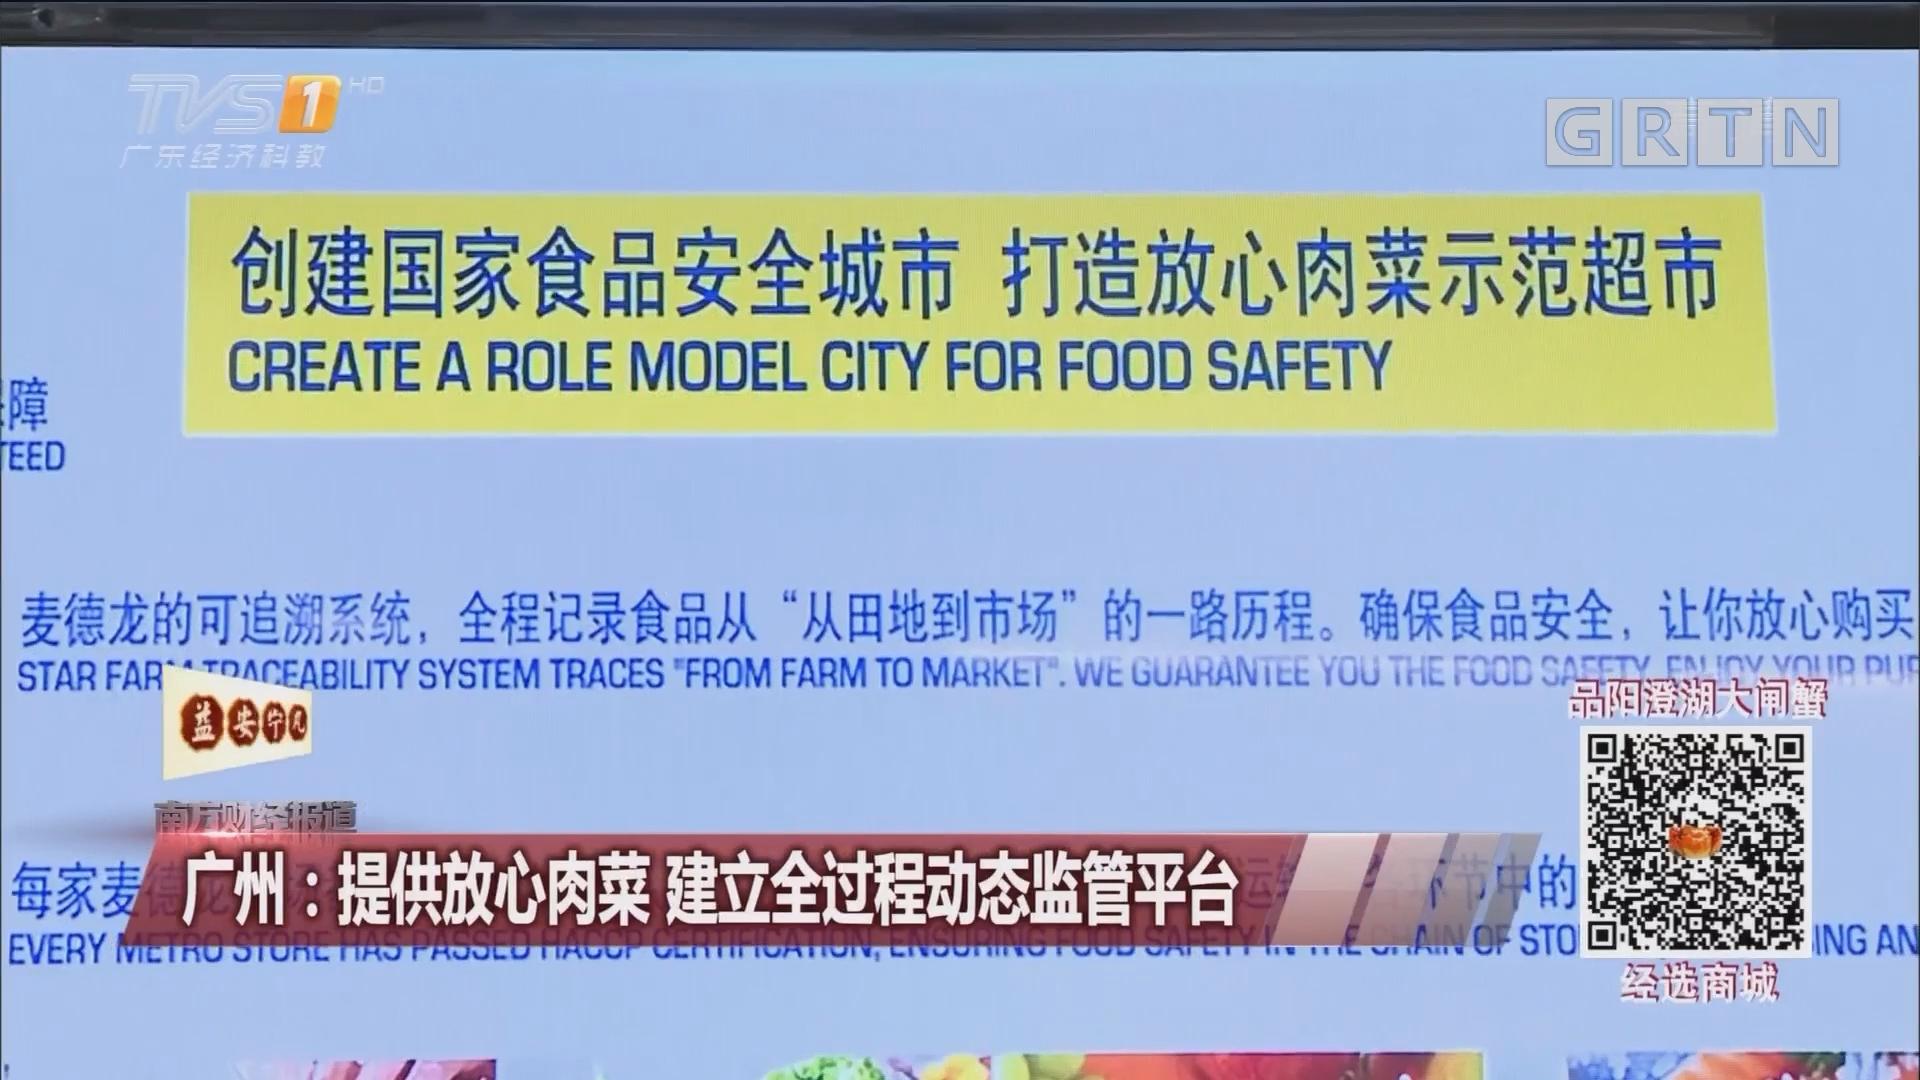 广州:提供放心肉菜 建立全过程动态监管平台